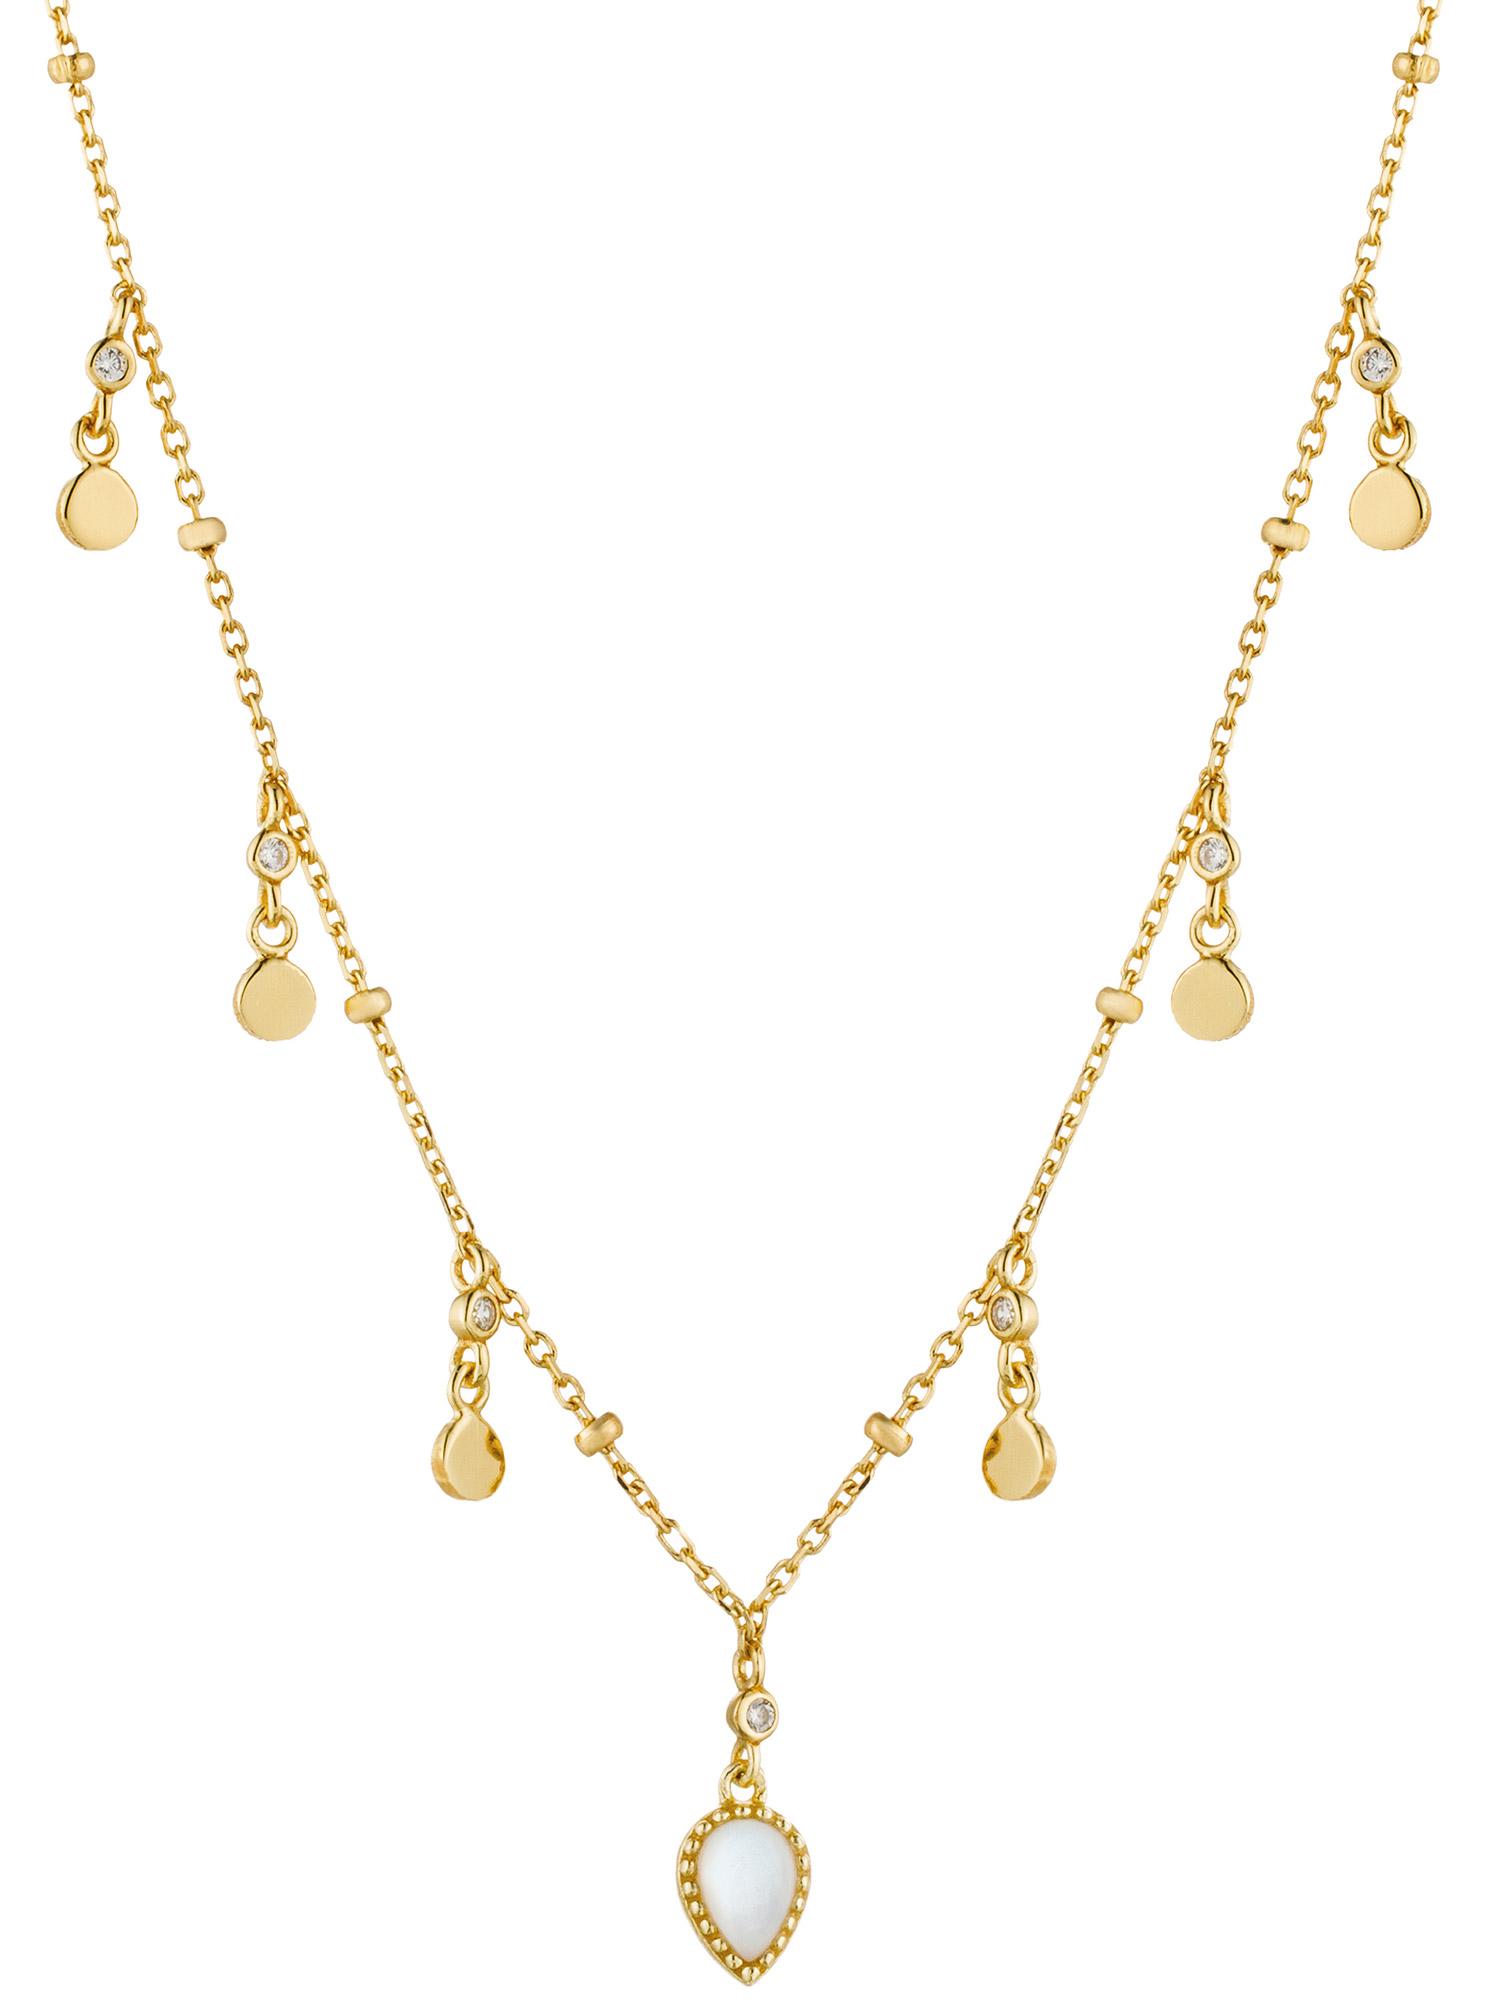 bei Uhrcenter: Ania Haie N016-02G Damen-Halskette Silber Goldplattiert Dream Drop Discs - Schmuck